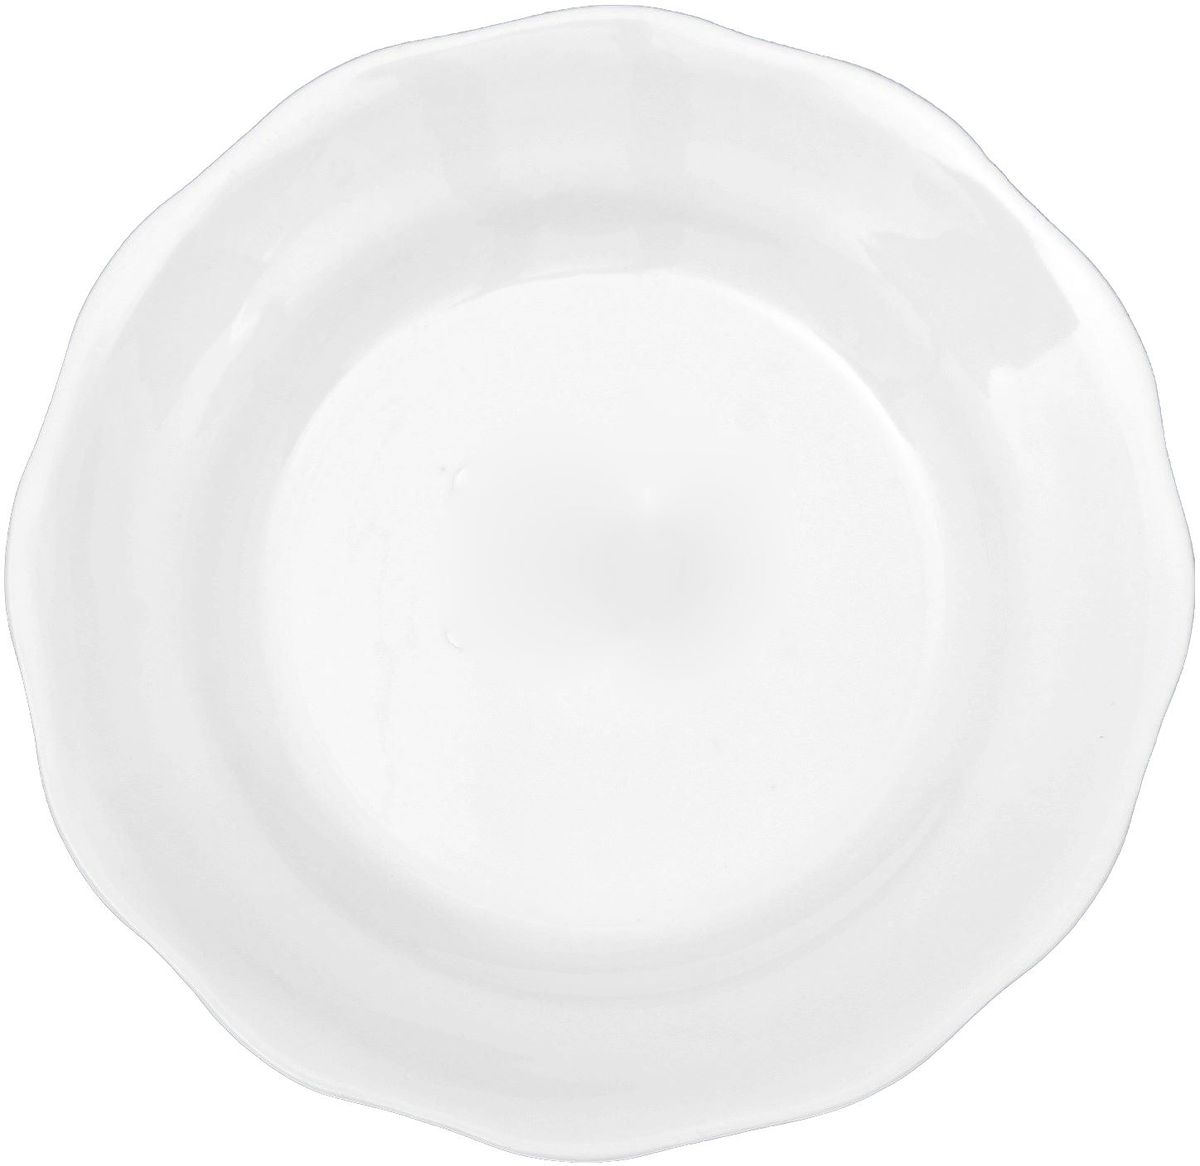 Тарелка Turon Porcelain Классика, диаметр 12,5 см1625425Узбекская посуда известна всему миру уже более тысячи лет. Ей любовались царские особы, на ней подавали еду шейхам и знатным персонам. Формула глазури передаётся из поколения в поколение. По сей день качественные изделия продолжают восхищать своей идеальной формой.Данный предмет подойдёт для повседневной и праздничной сервировки. Дополните стол текстилем и салфетками в тон, чтобы получить элегантное убранство с яркими акцентами.